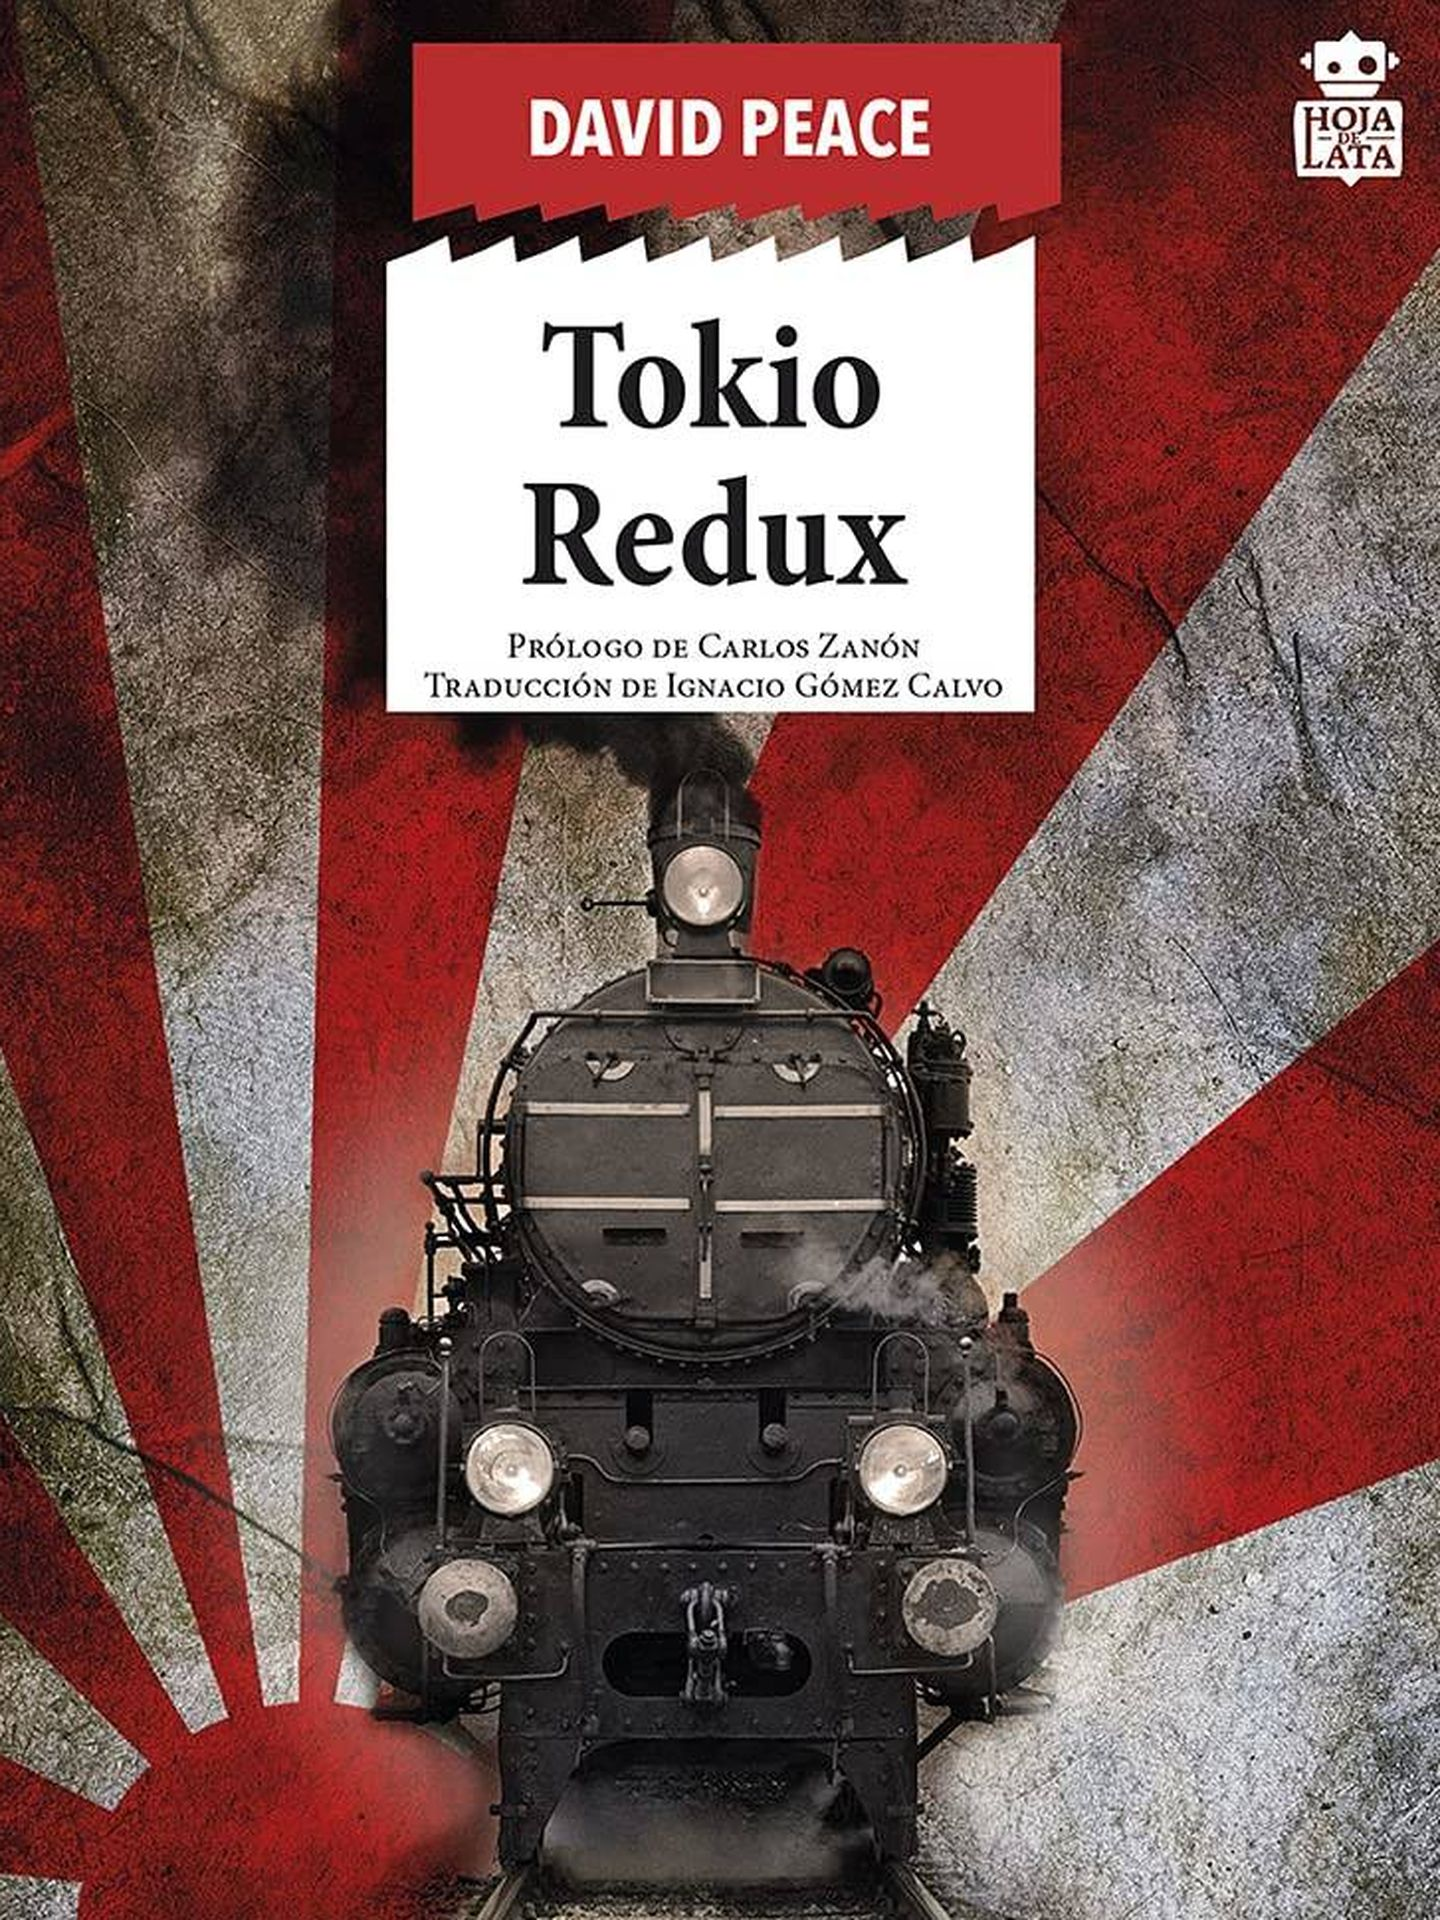 'Tokio redux' (Hoja de lata)